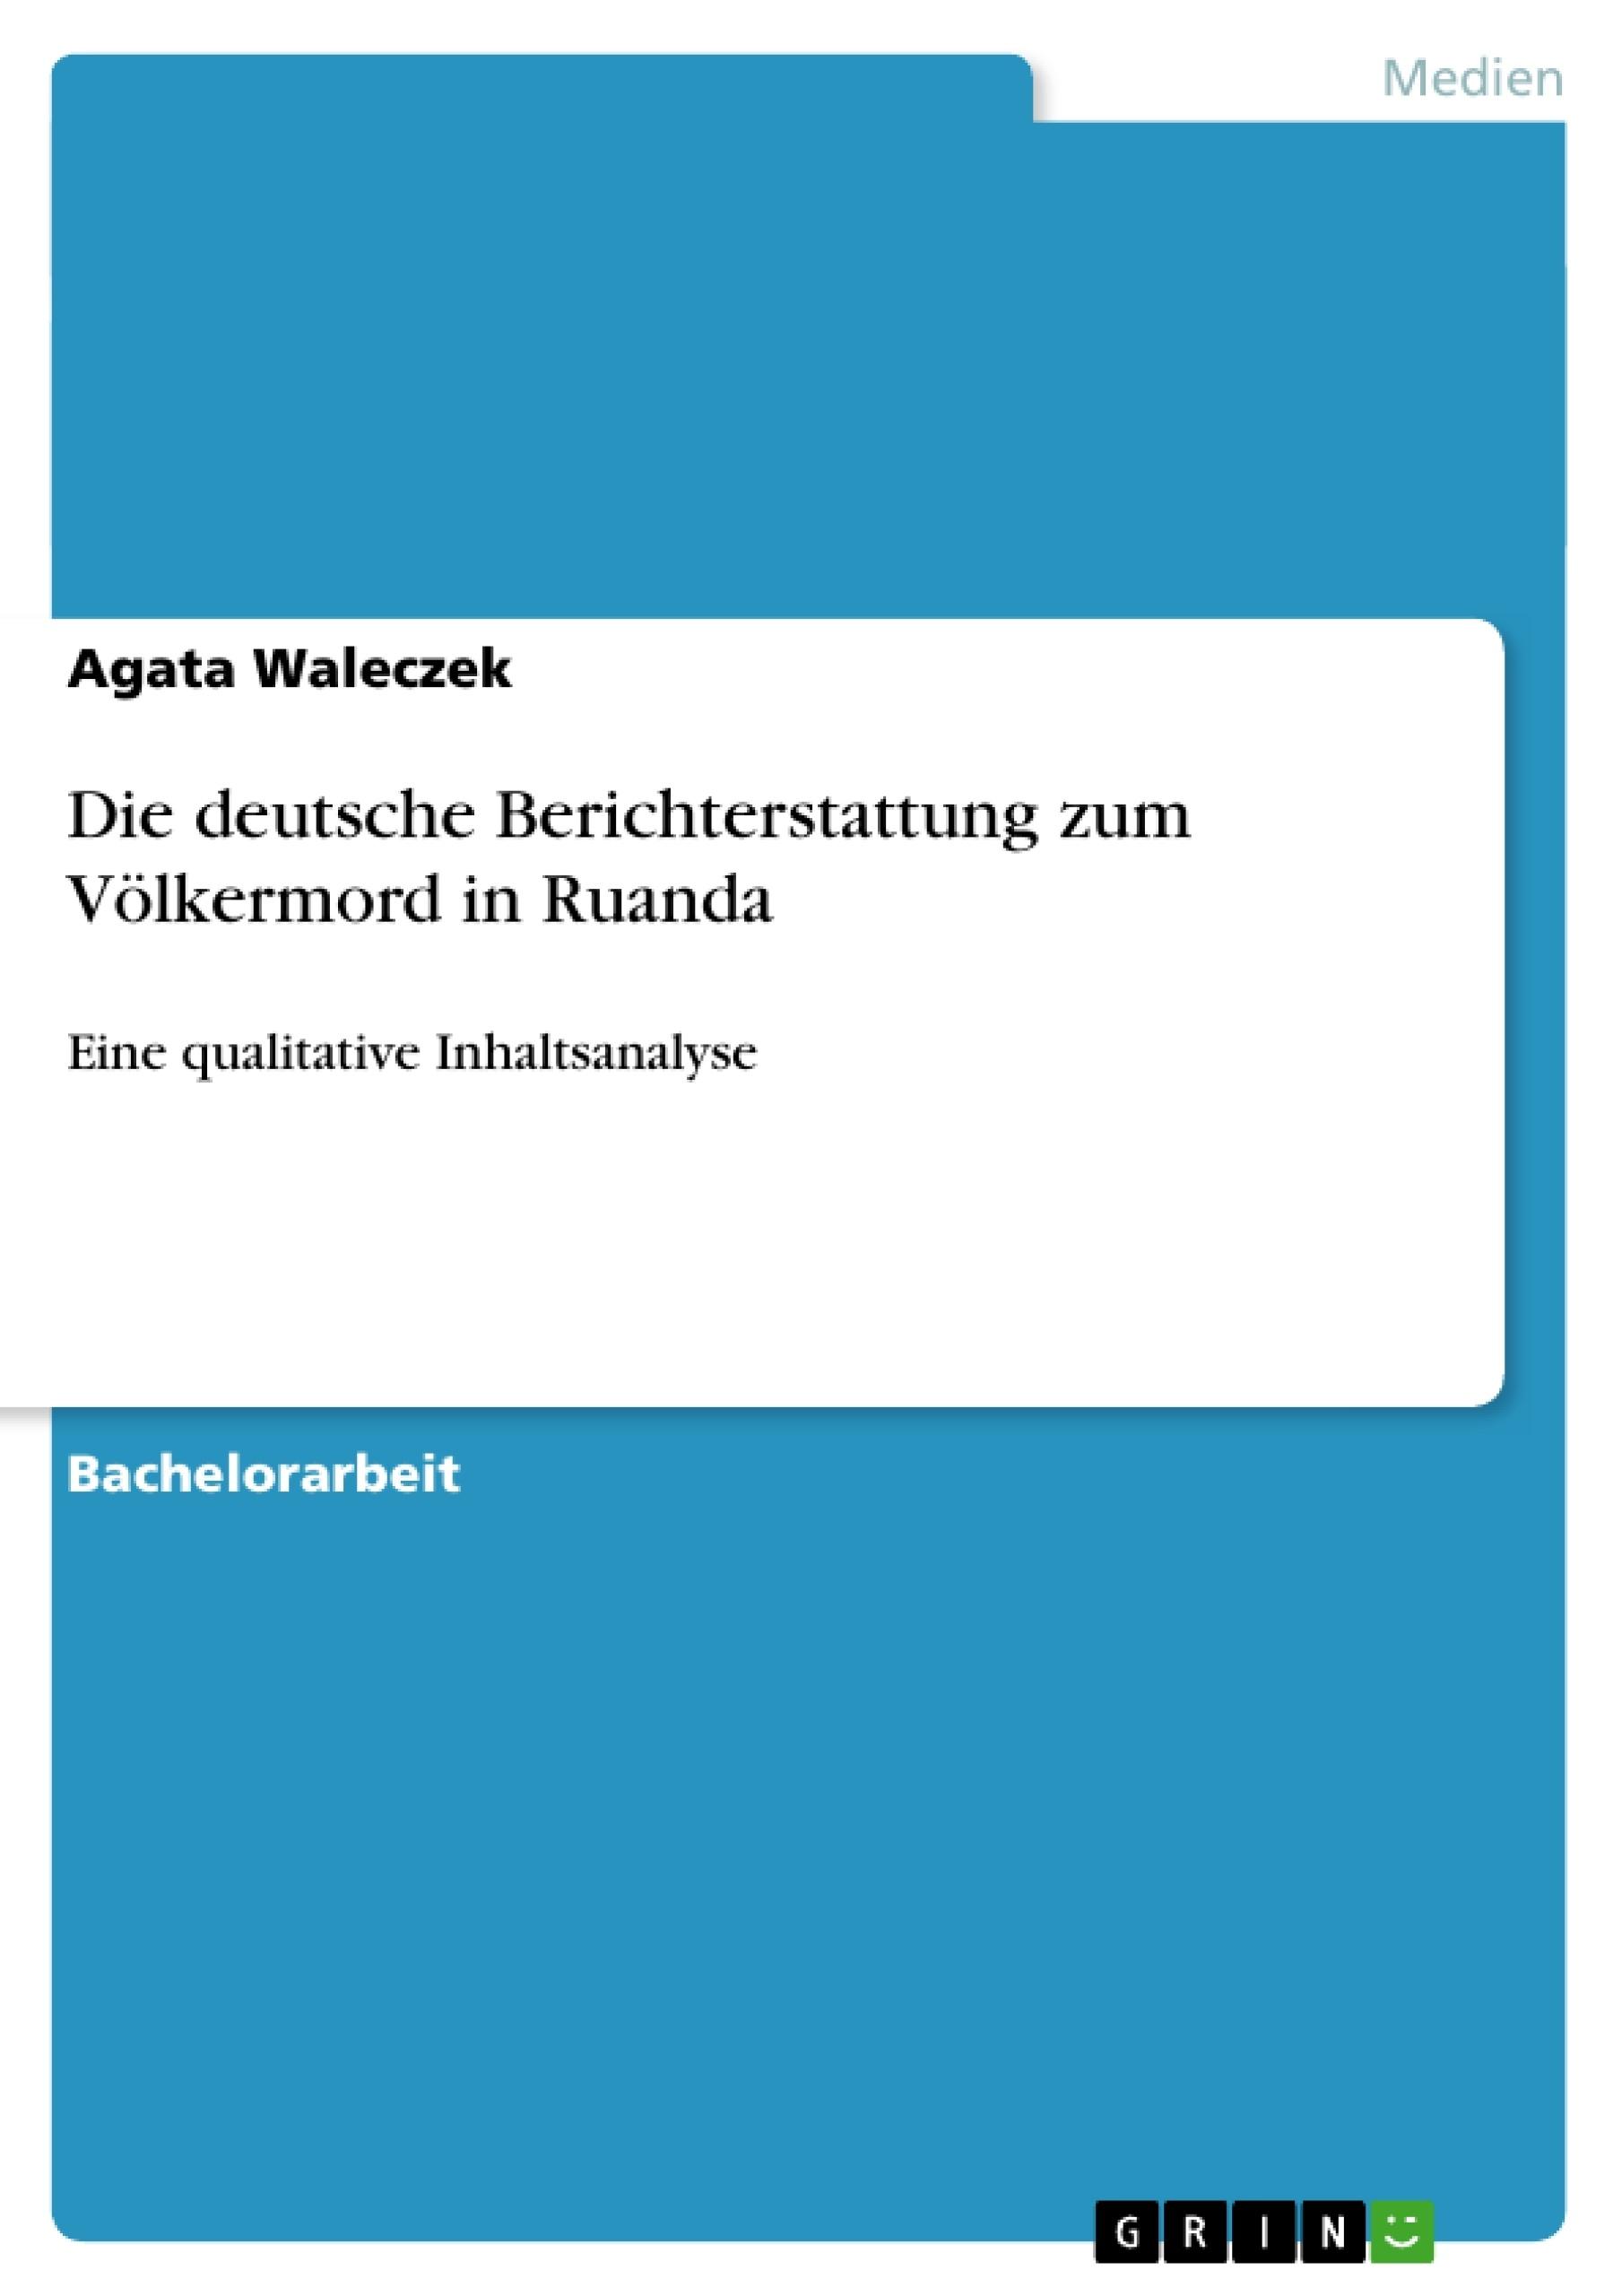 Titel: Die deutsche Berichterstattung zum Völkermord in Ruanda